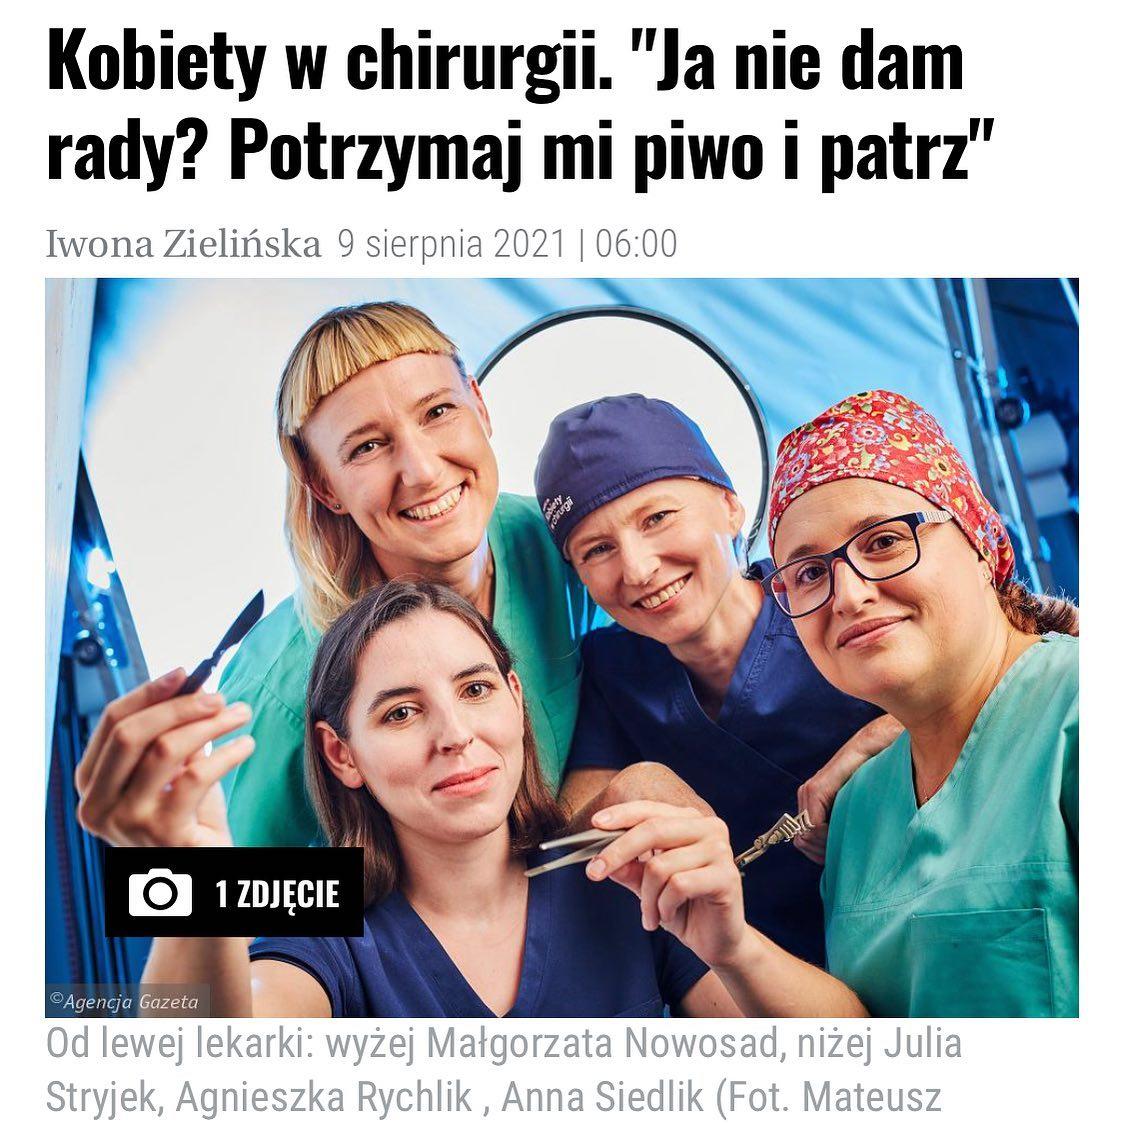 Kobiety w chirurgii w Dużym Formacie